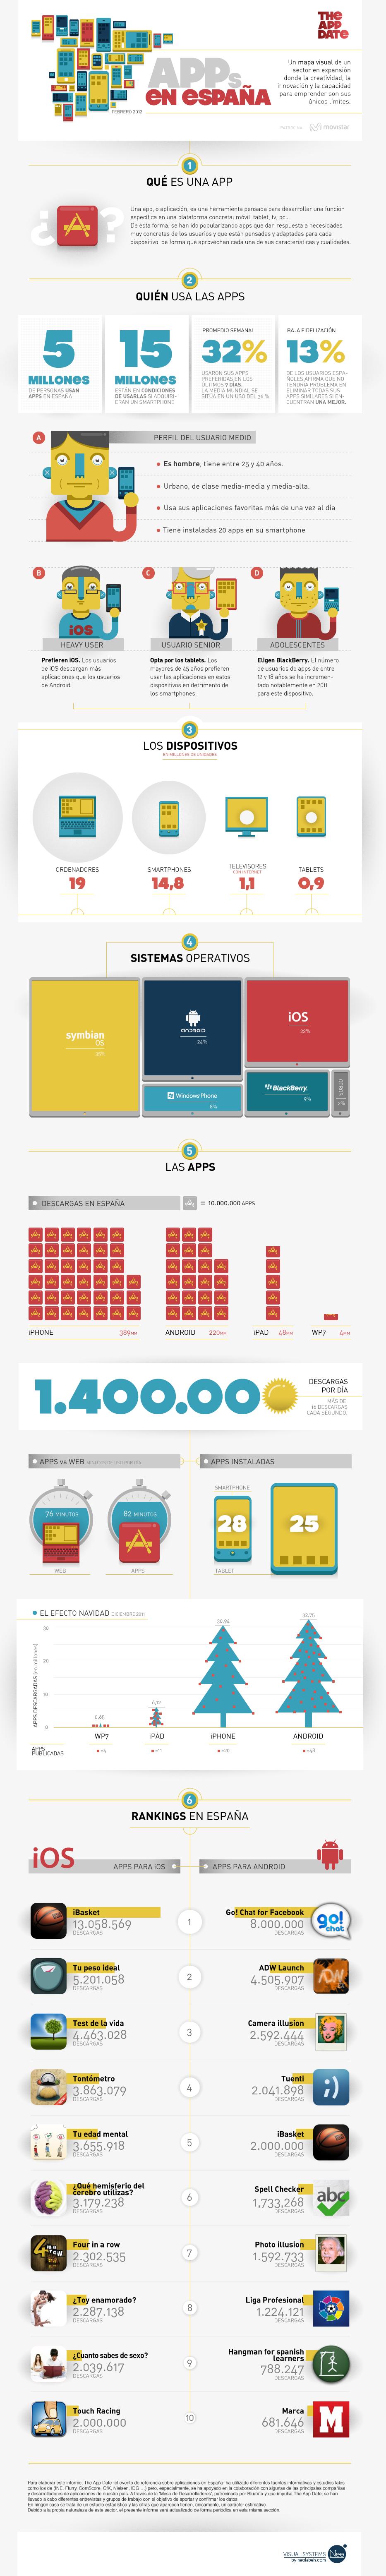 Infografia de resultados sobre dispositivos moviles y apps en españa